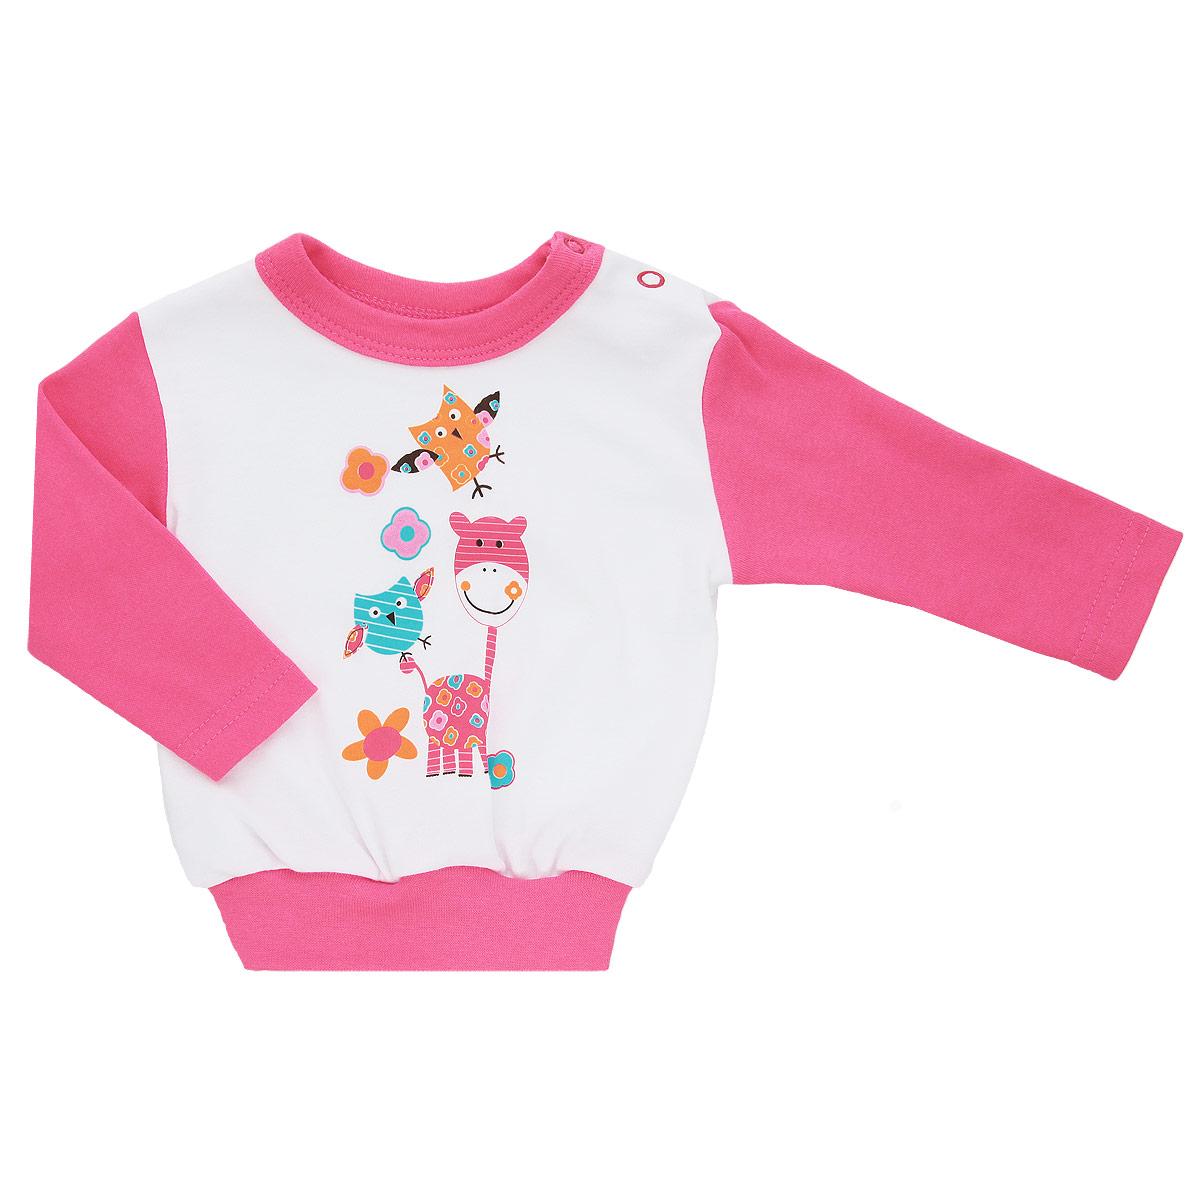 Кофточка для девочки КотМарКот, цвет: ярко-розовый, белый. 3741. Размер 623741Кофточка для новорожденной девочки КотМарКот послужит идеальным дополнением к гардеробу вашей малышки, обеспечивая ей наибольший комфорт. Кофточка с длинными рукавами и круглым вырезом горловины изготовлена из натурального хлопка - интерлока, благодаря чему она необычайно мягкая и легкая, не раздражает нежную кожу ребенка и хорошо вентилируется, а эластичные швы приятны телу младенца и не препятствуют его движениям. Удобные застежки-кнопки по плечу помогают легко переодеть младенца. Понизу проходит широкая трикотажная резинка. Спереди модель оформлена оригинальным ненавязчивым принтом с изображением жирафика и птичек. Кофточка полностью соответствует особенностям жизни ребенка в ранний период, не стесняя и не ограничивая его в движениях. В ней ваша малышка всегда будет в центре внимания.